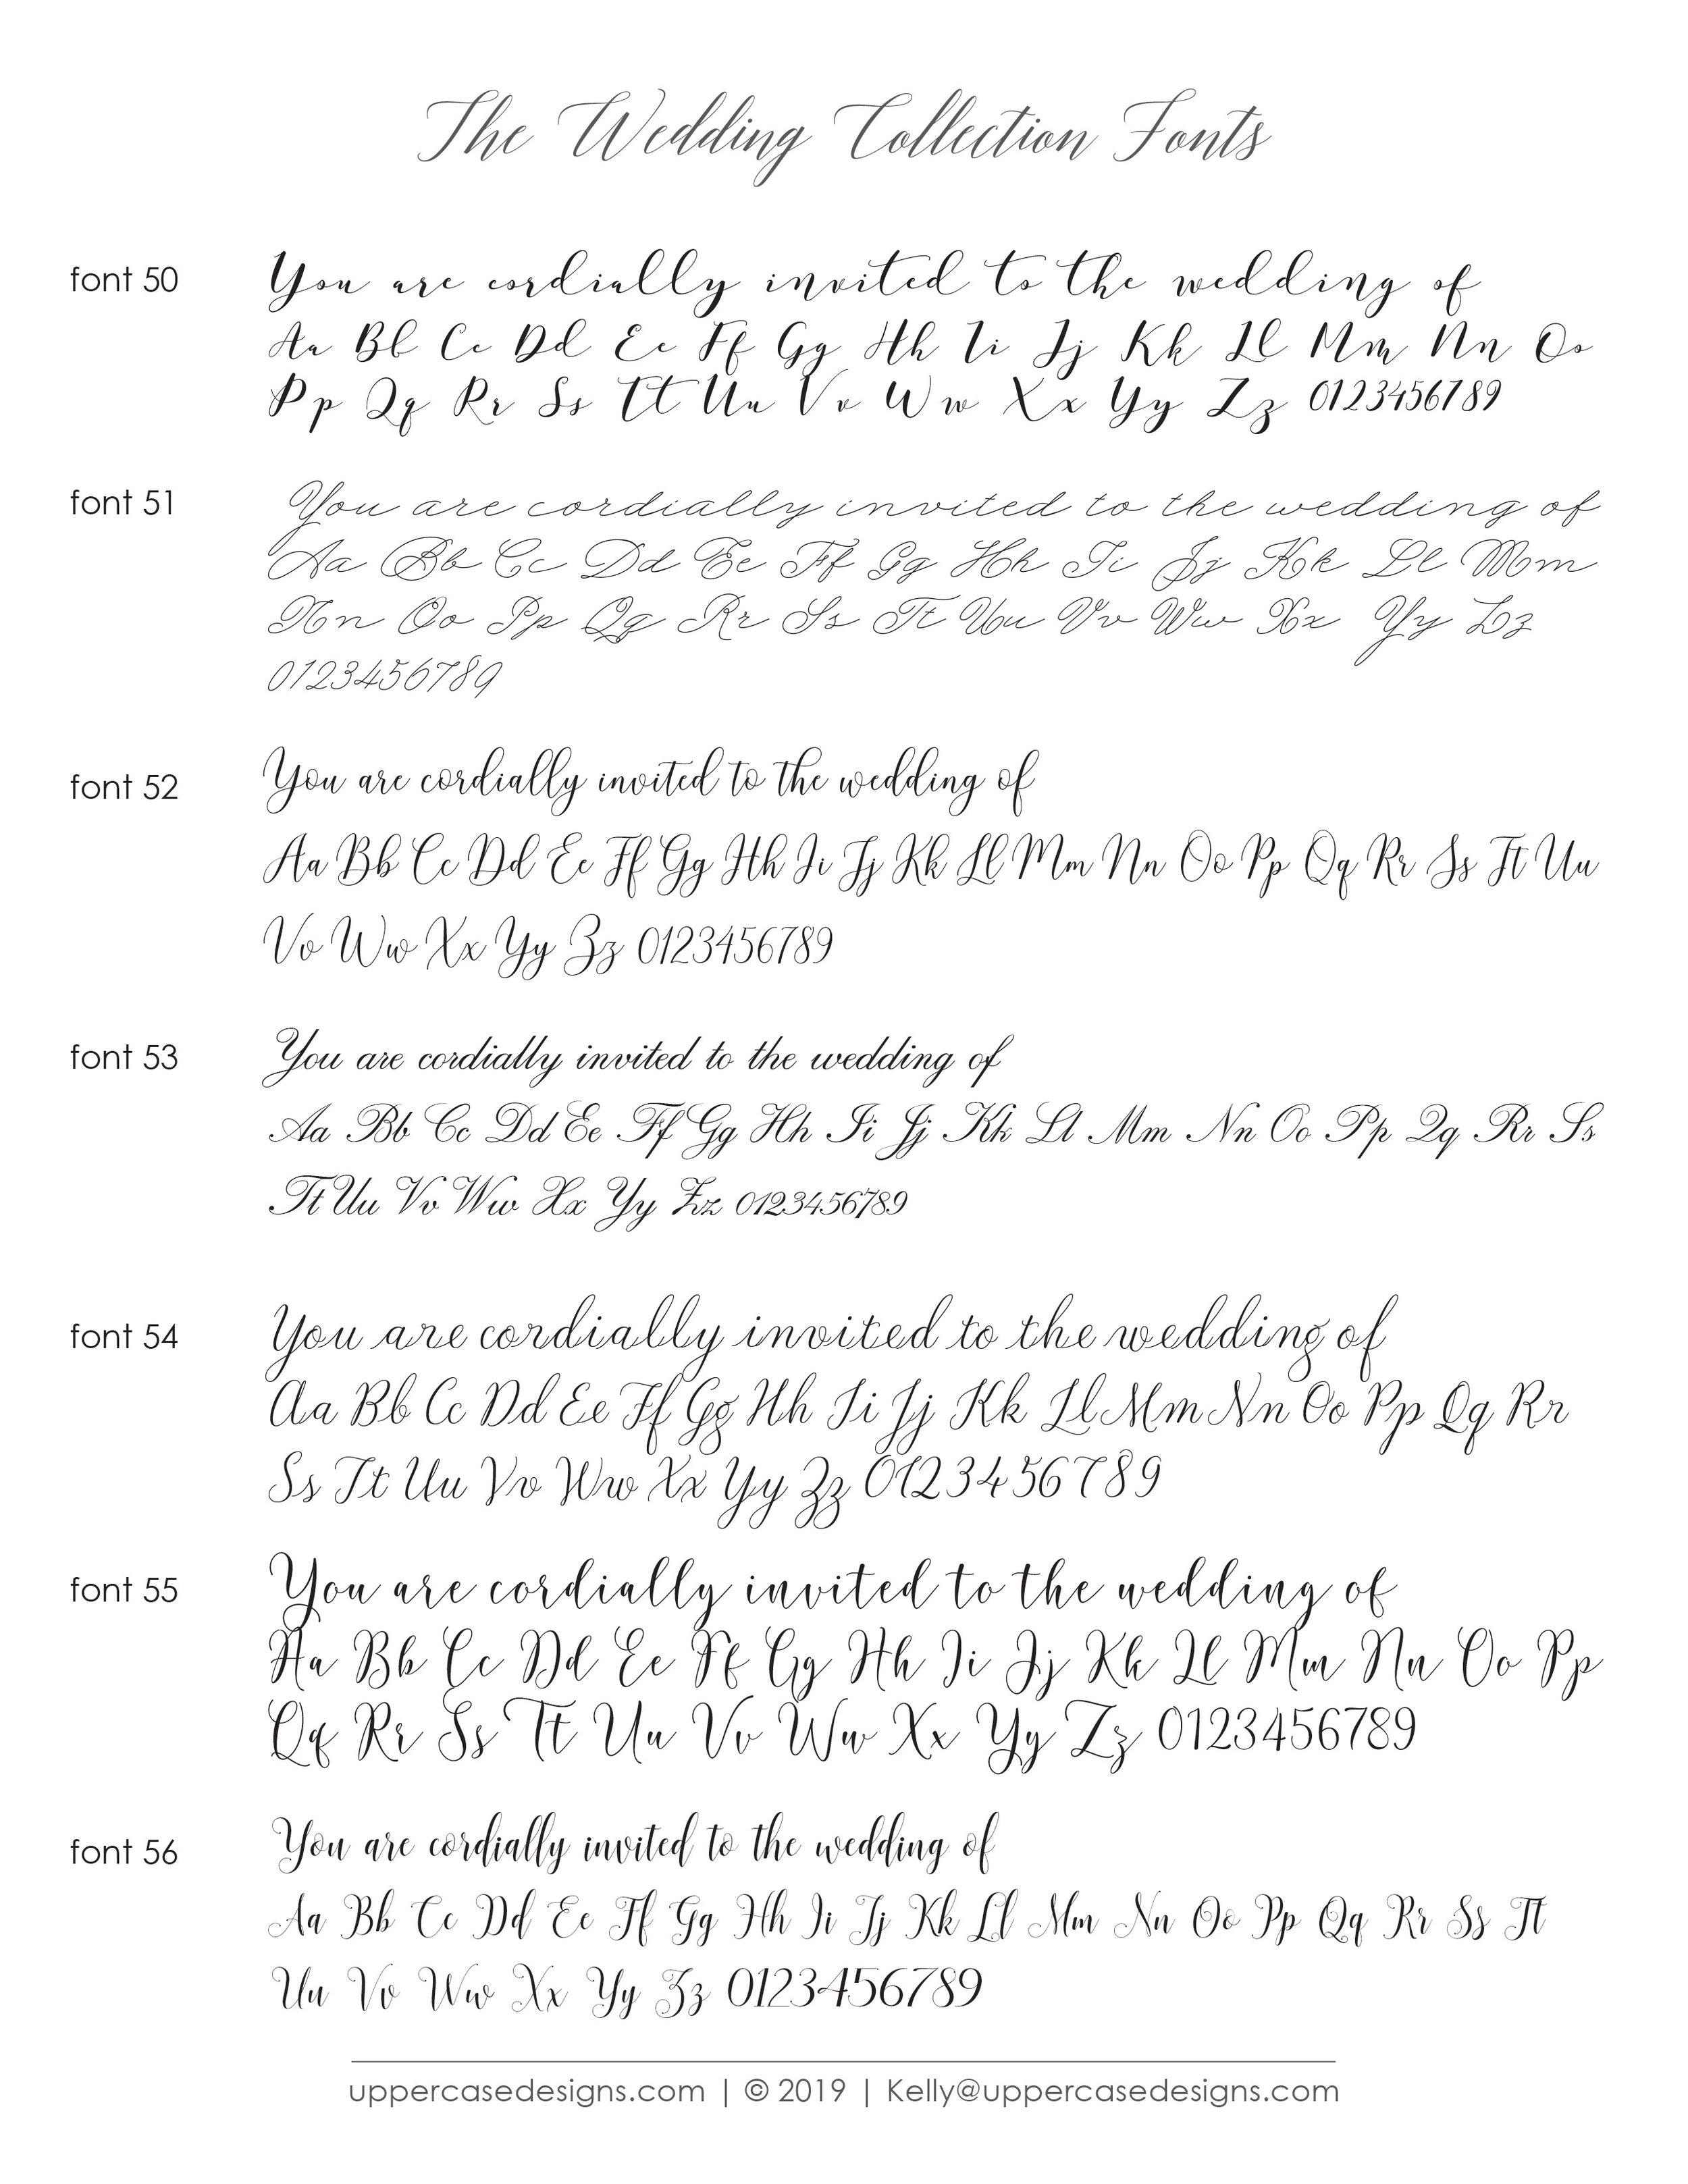 Uppercase Designs - Font Guide 201910.jpg